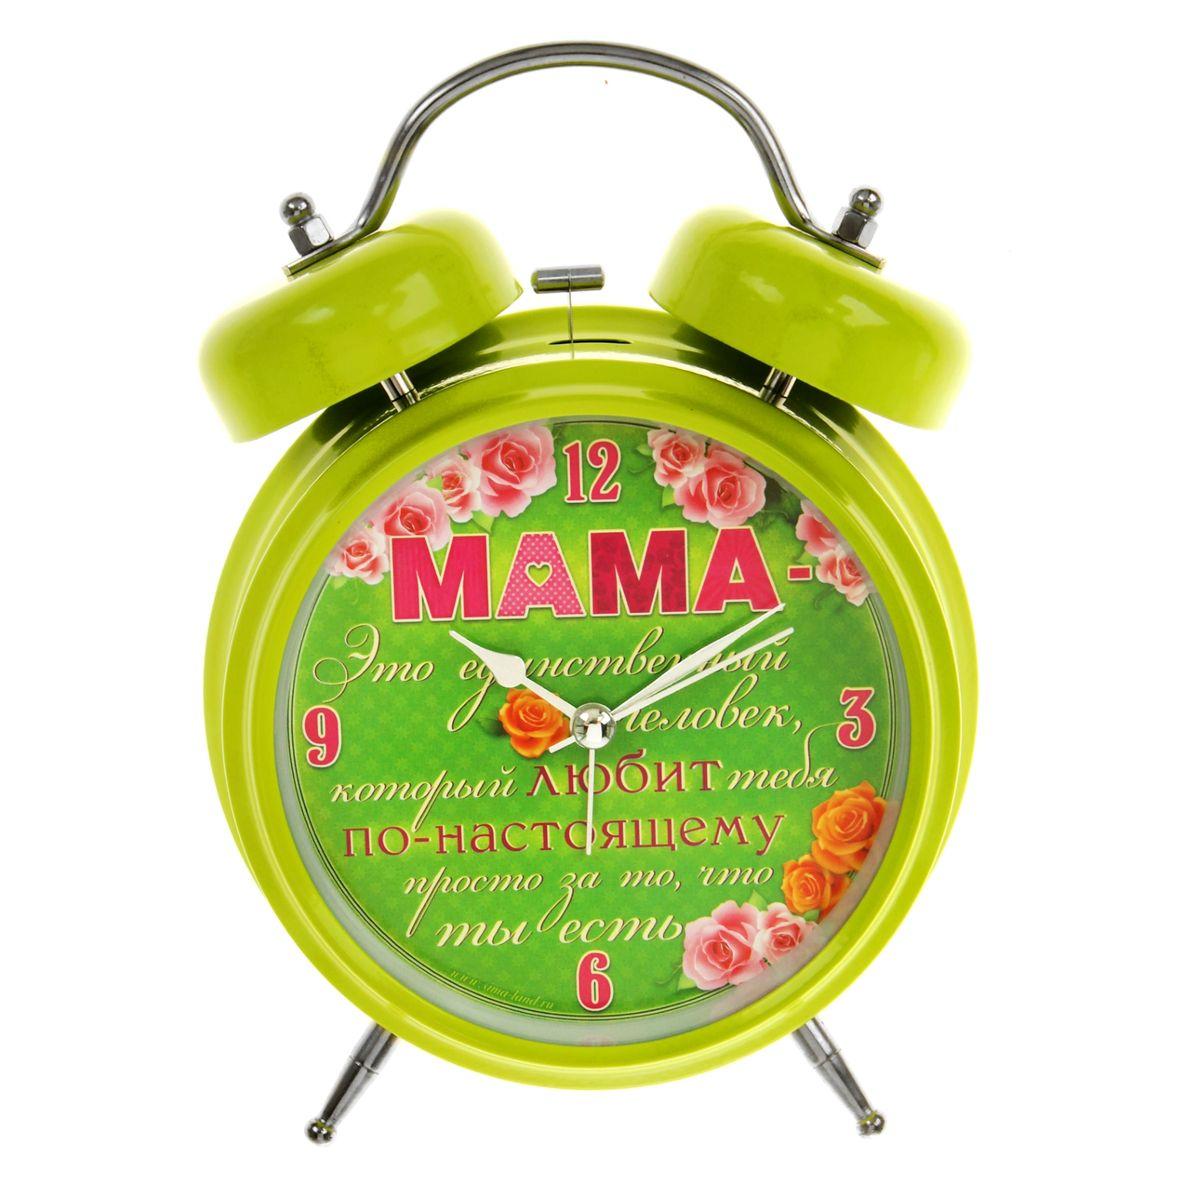 Часы-будильник Sima-land Мама - незаменимый человек839691Как же сложно иногда вставать вовремя! Всегда так хочется поспать еще хотябы 5 минут ибывает,что мы просыпаем. Теперь этого не случится! Яркий, оригинальный будильникSima-land Мама - незаменимый человек поможет вам всегдавставать в нужное время и успевать везде и всюду. Такой будильник также станетпрекрасным подарком.На задней панели будильника расположеныпереключатель включения/выключения механизма и два колесика для настройкитекущего времени и времени звонка будильника. Также будильник оснащенкнопкой, при нажатии и удержании которой подсвечивается циферблат. Будильник работает от 1 батарейки типа AA напряжением 1,5V (не входит вкомплект).